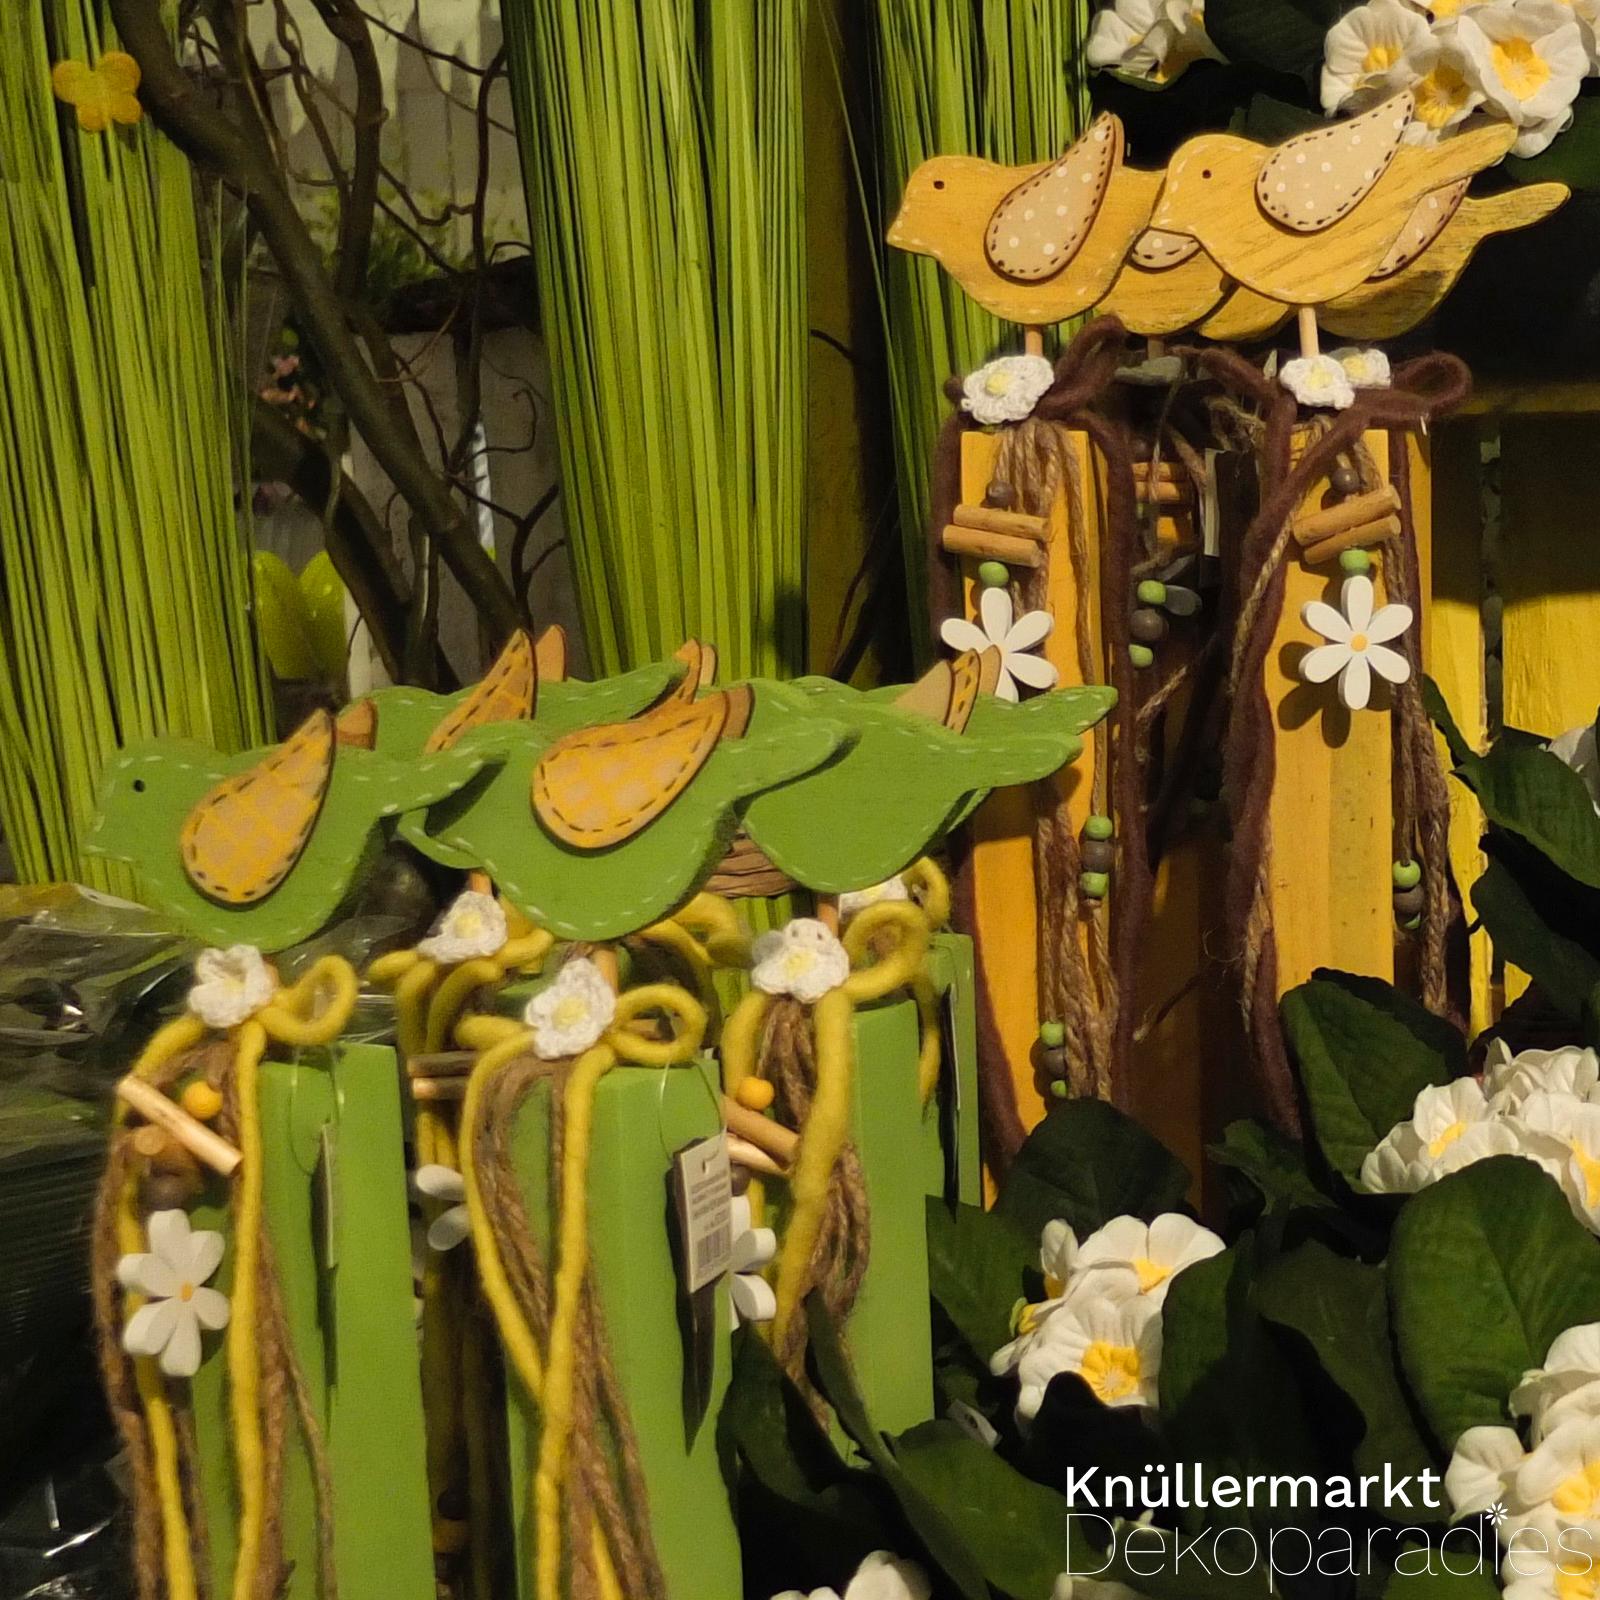 gallerie-7-themenseite-fruehling-oster-blumen-deko-paradies-knuellermarkt